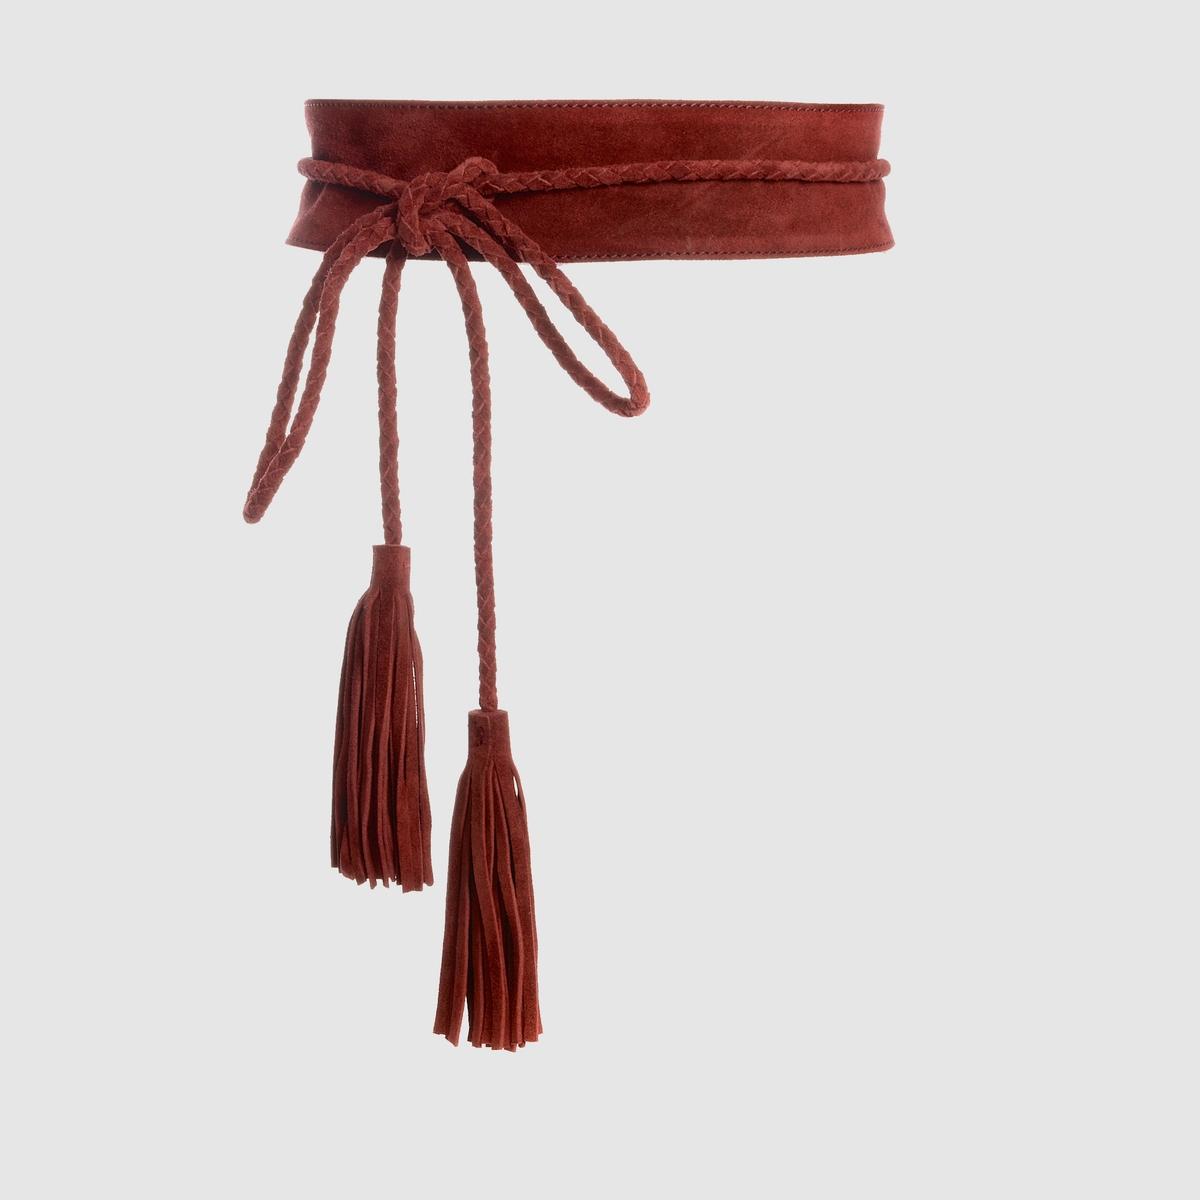 Ремень длинный из невыделанной кожиСостав и описание :Материал : шнуровкаМарка : R Studio.Размеры : ширина 6 см    Застежка : длинный тонкий переплетенный шнурок из невыделанной кожи<br><br>Цвет: бордовый